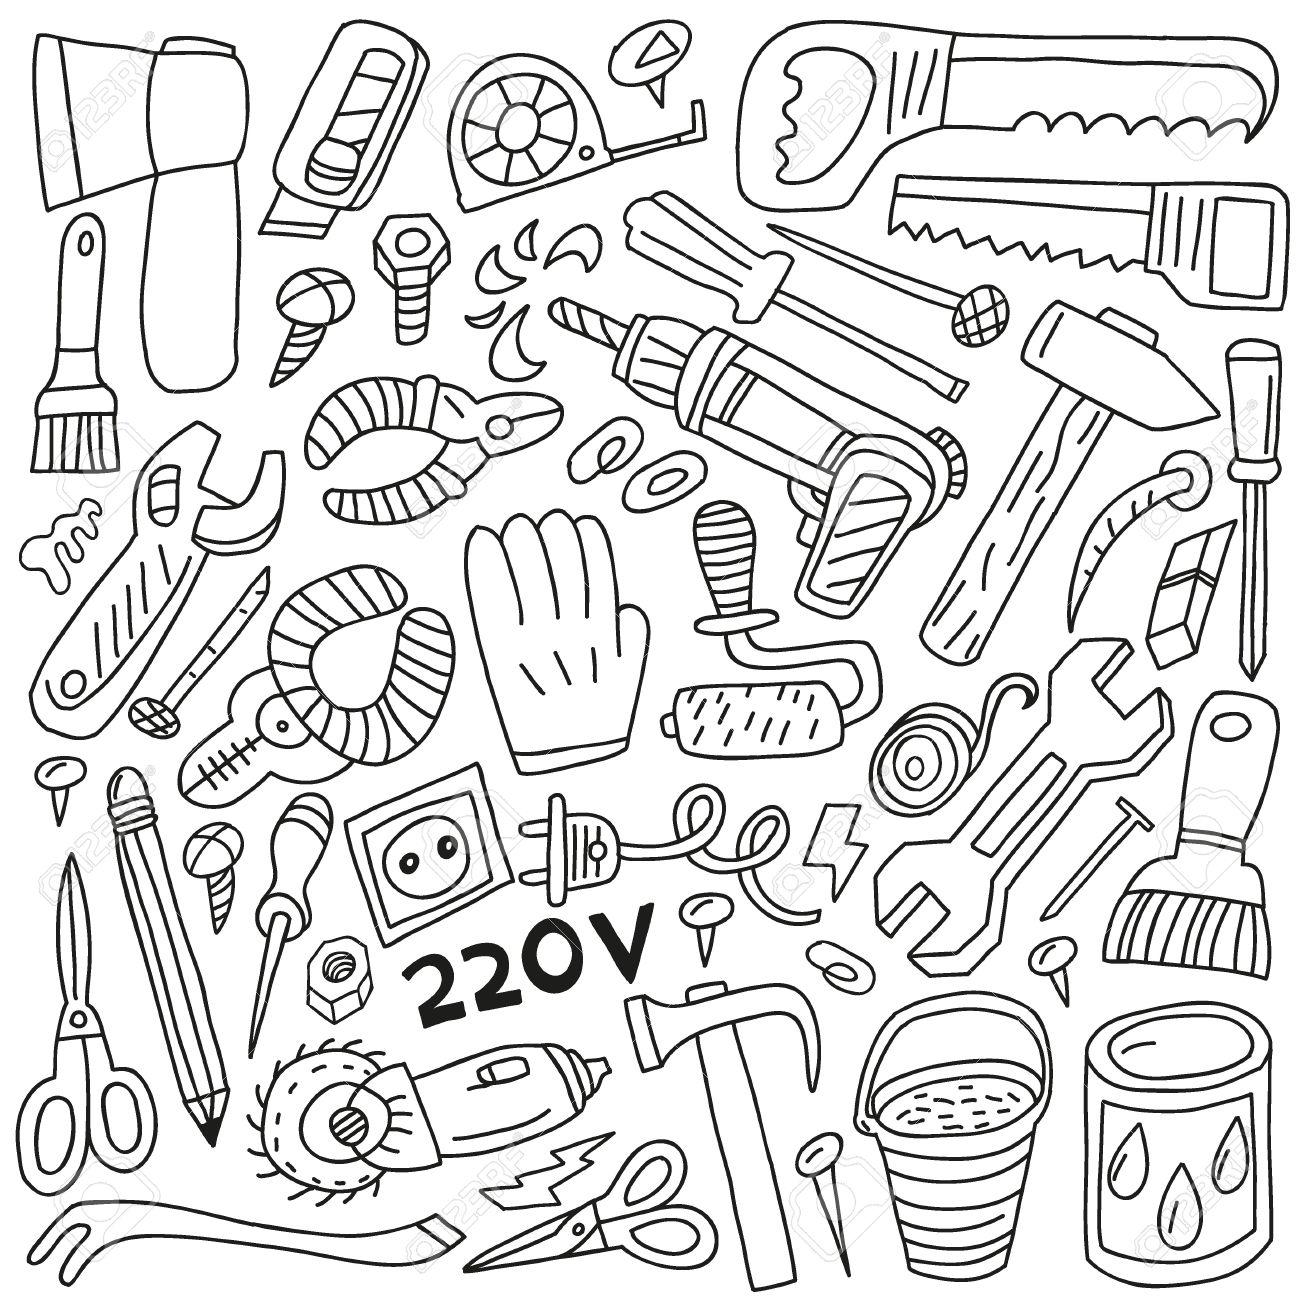 work tools - doodles Stock Vector - 19654344